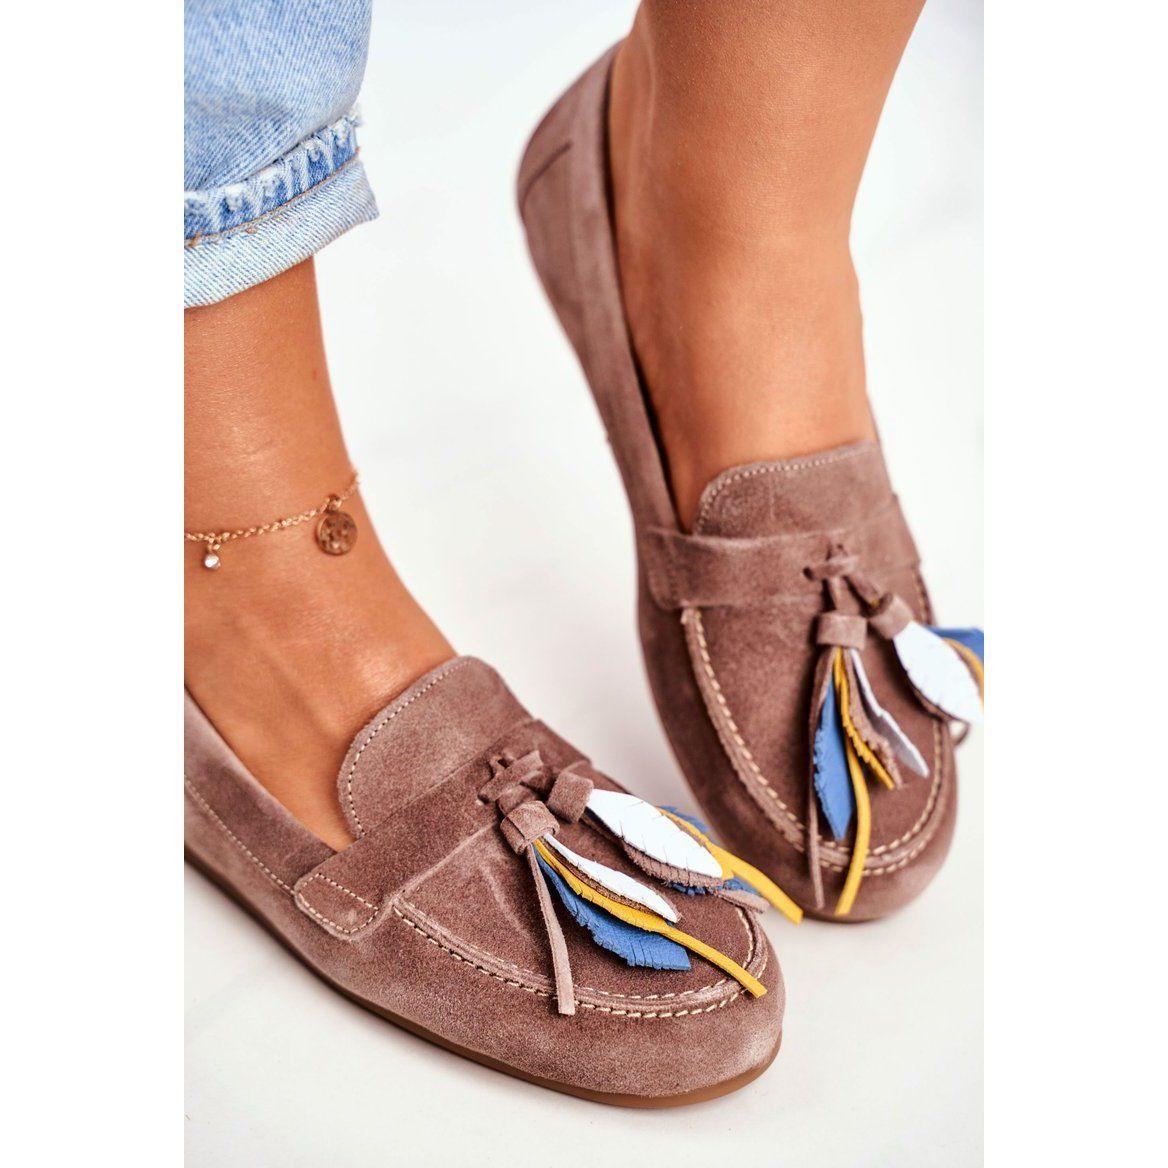 Damskie Mokasyny Maciejka Skorzane Bezowe 04494 04 00 5 Bezowy Loafers Shoes Mule Shoe